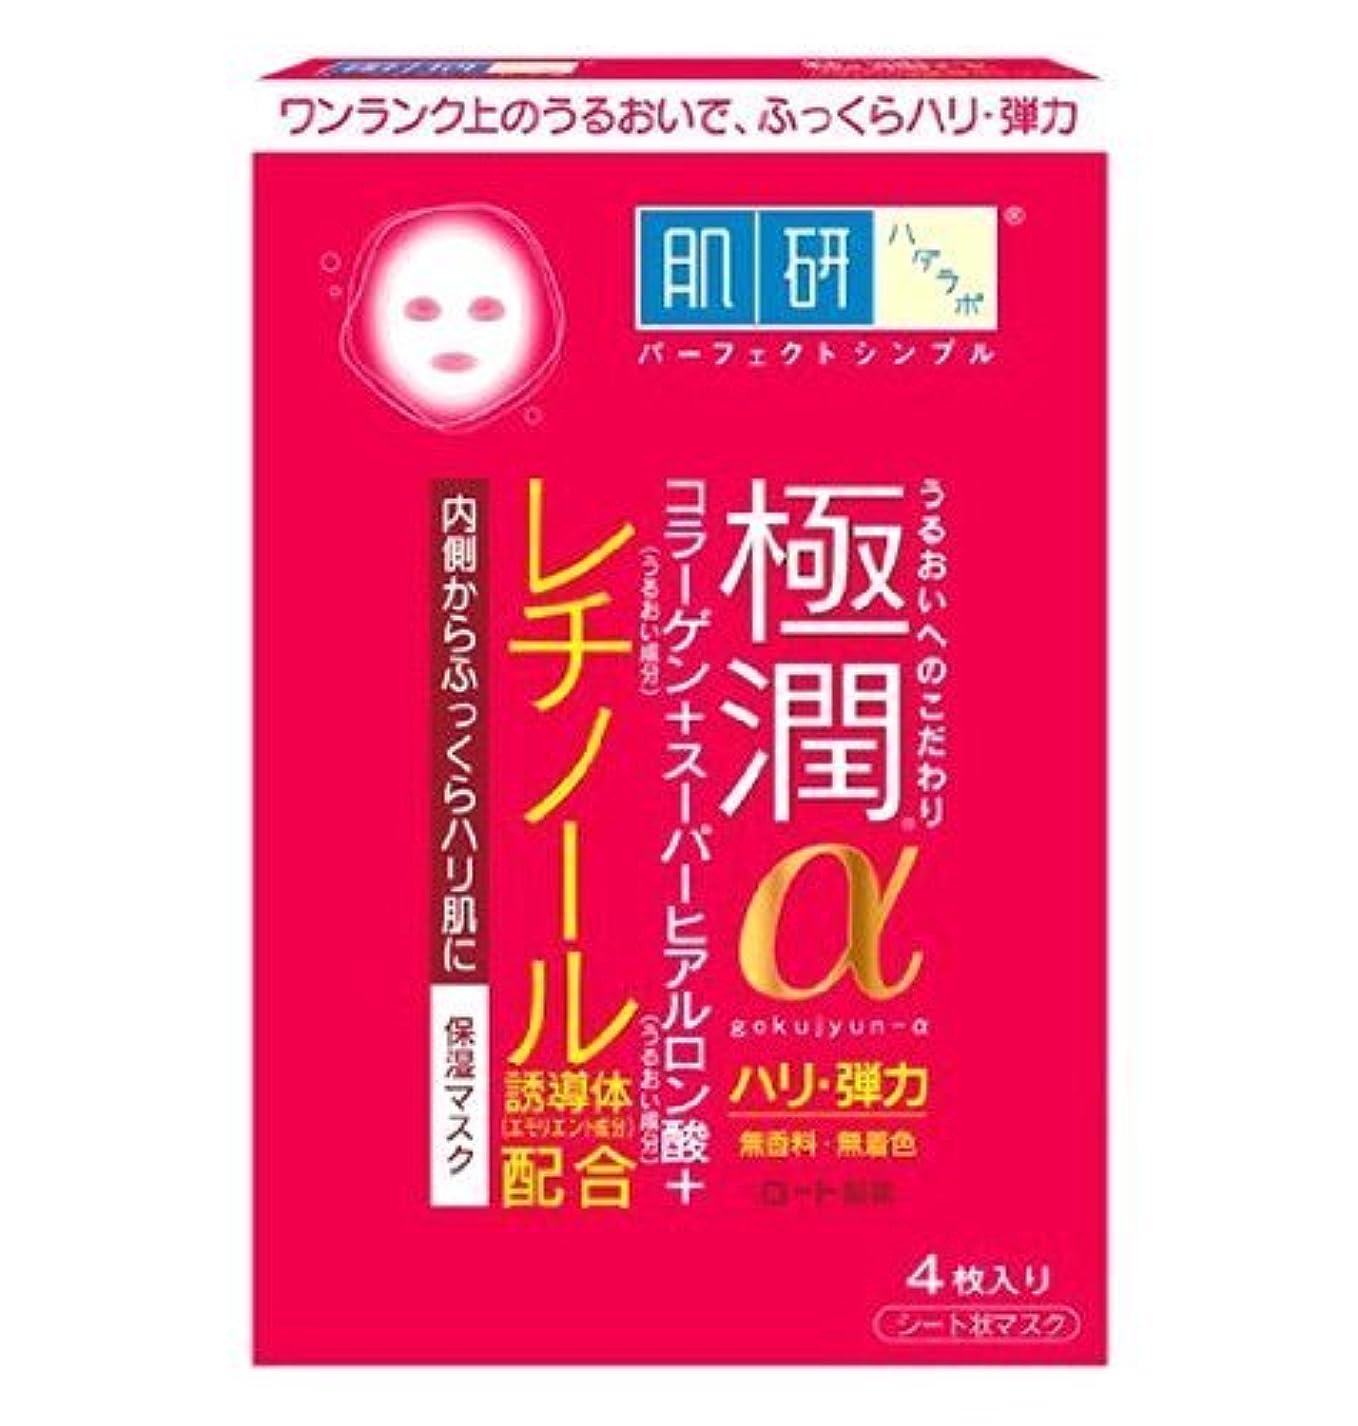 コンパイル神社アレイ肌研 極潤α マスク 4枚